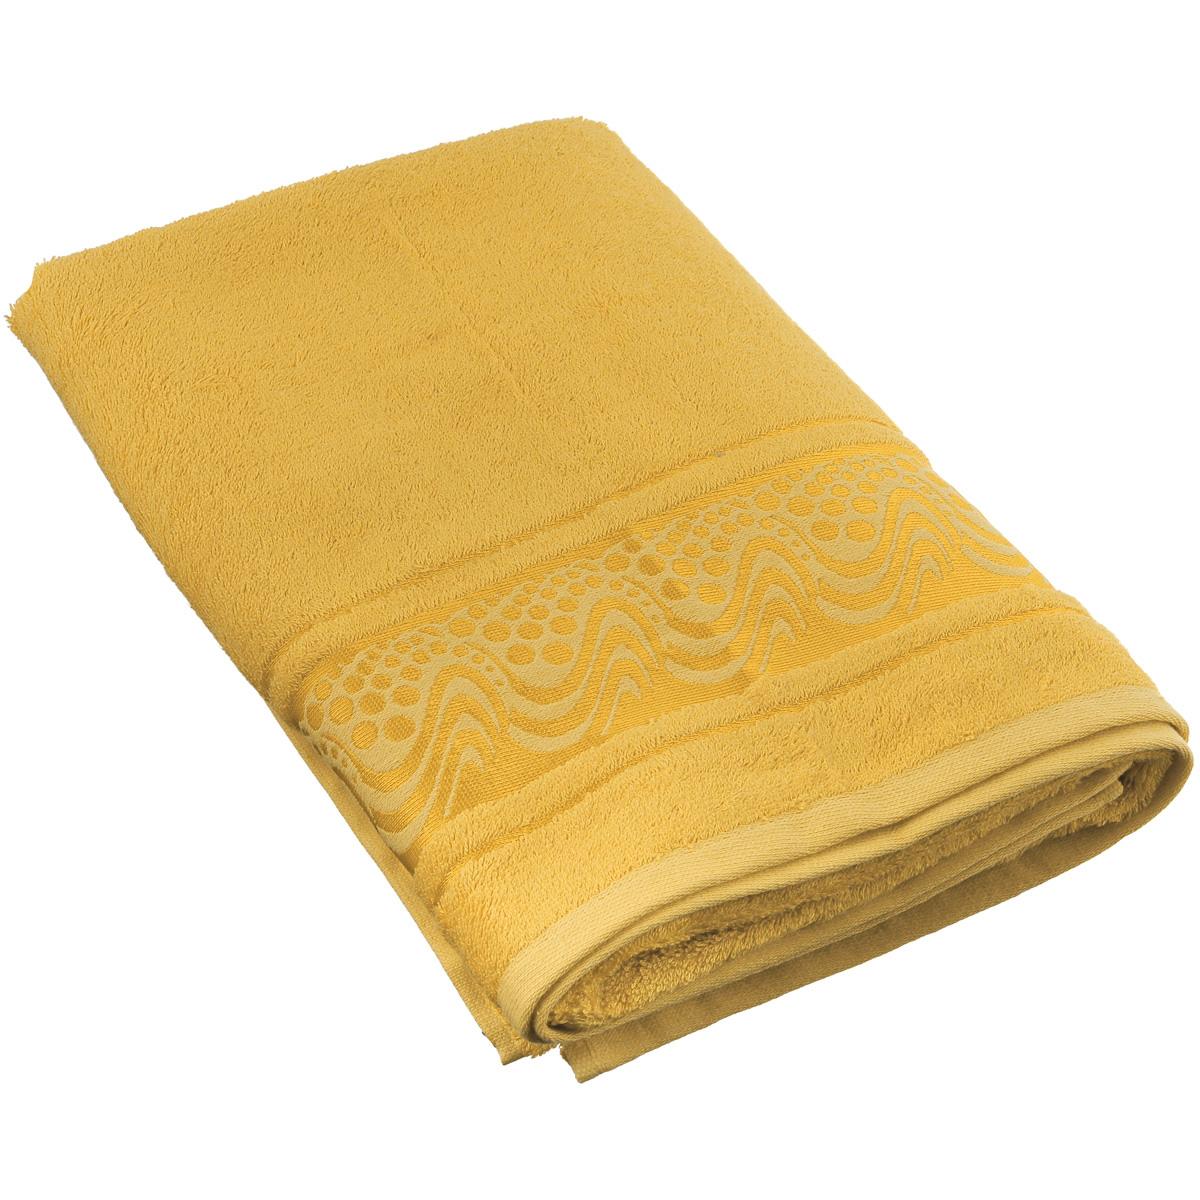 Полотенце Mariposa Aqua, цвет: золотистый, 50 х 90 см62443Полотенце Mariposa Aqua, изготовленное из 60% бамбука и 40% хлопка, подарит массу положительных эмоций и приятных ощущений.Полотенца из бамбука только издали похожи на обычные. На самом деле, при первом же прикосновении вы ощутите невероятную мягкость и шелковистость. Таким полотенцем не нужно вытираться - только коснитесь кожи - и ткань сама все впитает! Несмотря на богатую плотность и высокую петлю полотенца, оно быстро сохнет, остается легким даже при намокании.Полотенце оформлено волнистым рисунком. Благородный тон создает уют и подчеркивает лучшие качества махровой ткани. Полотенце Mariposa Aqua станет достойным выбором для вас и приятным подарком для ваших близких.Размер полотенца: 50 см х 90 см.